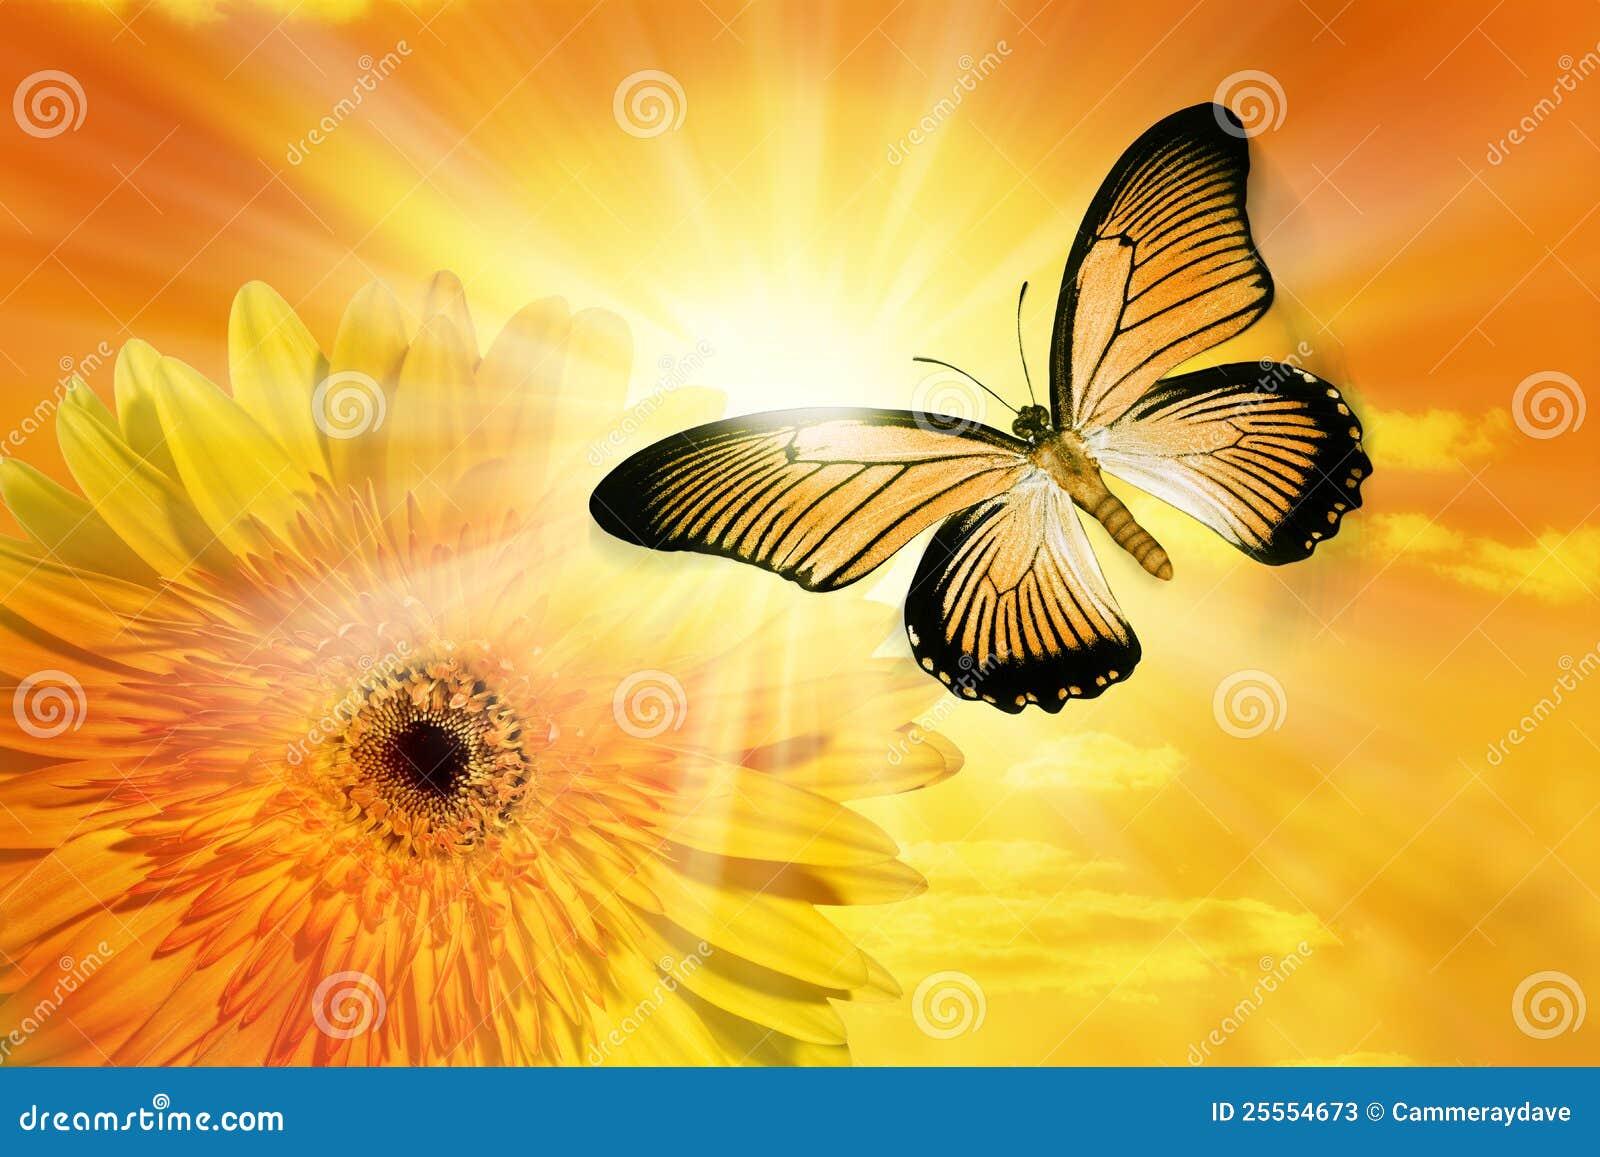 Flower Sun Sky Butterfly